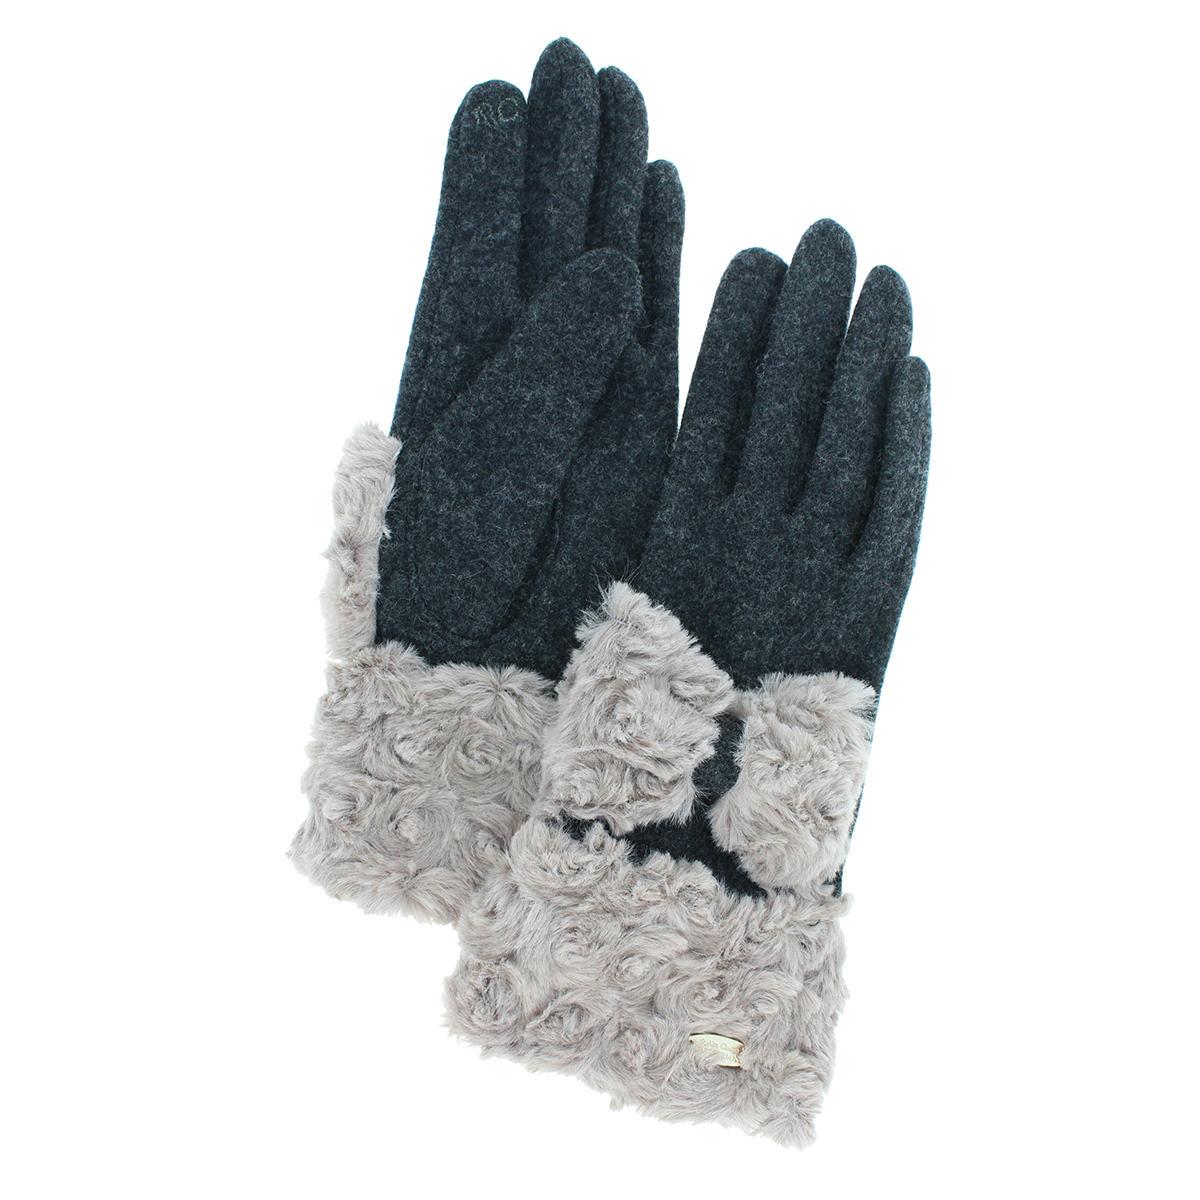 アルタクラッセ レディース ファー付き 手袋 スマホ対応 タスマニアラムジャージ 防寒 スパイラルボア フェミニン ゴージャス 五本指